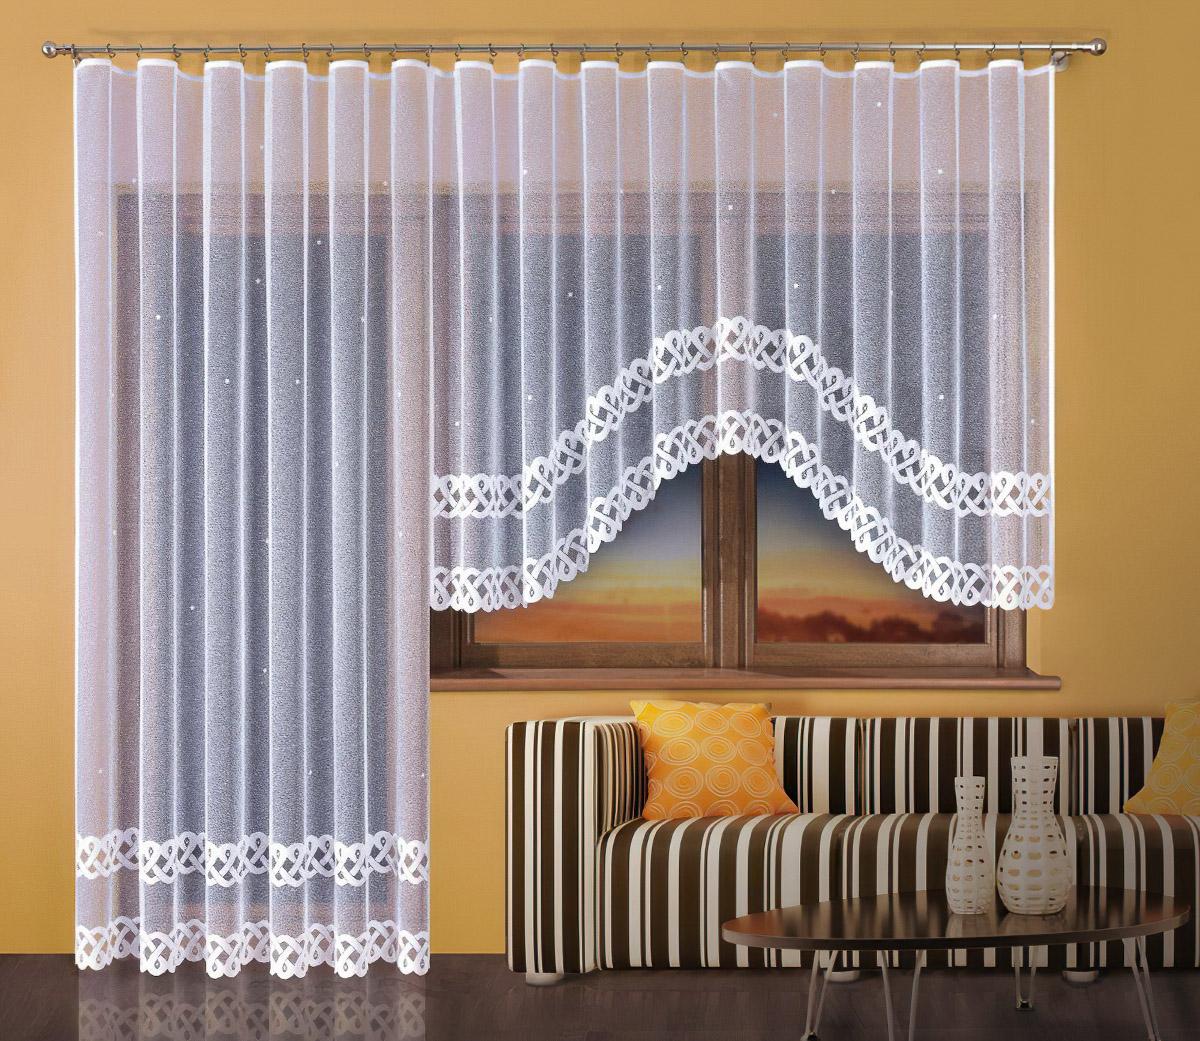 Forbyt kusová záclona EMA jednobarevná bílá, výška 150 cm x šířka 300 cm (na okno)